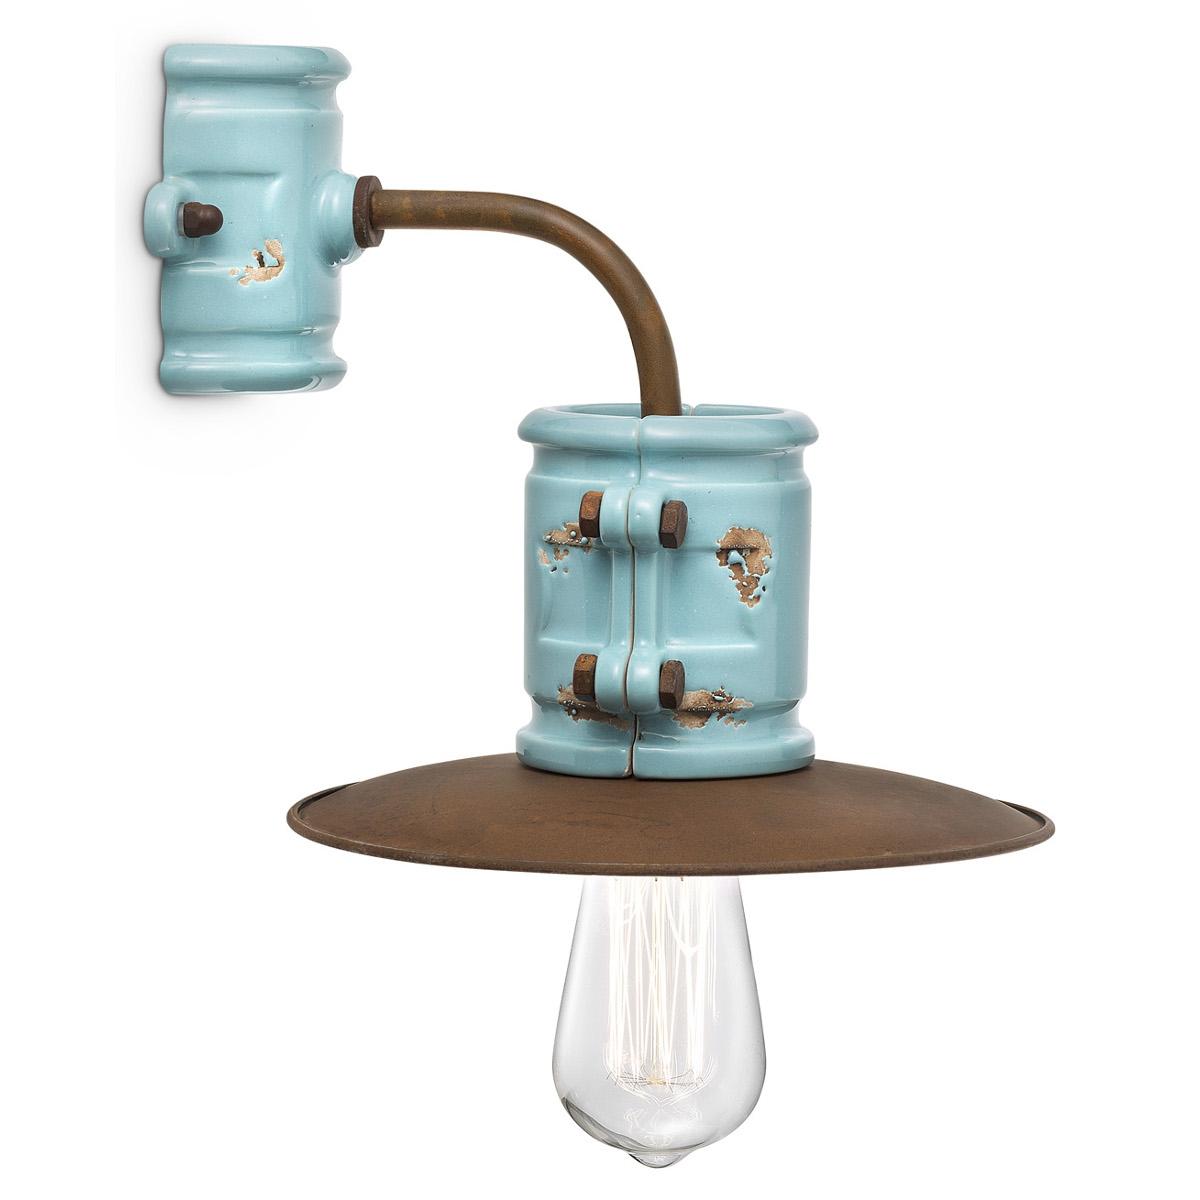 ausgefallene wandleuchte im industriestil in eisen rost und farbiger glasur. Black Bedroom Furniture Sets. Home Design Ideas